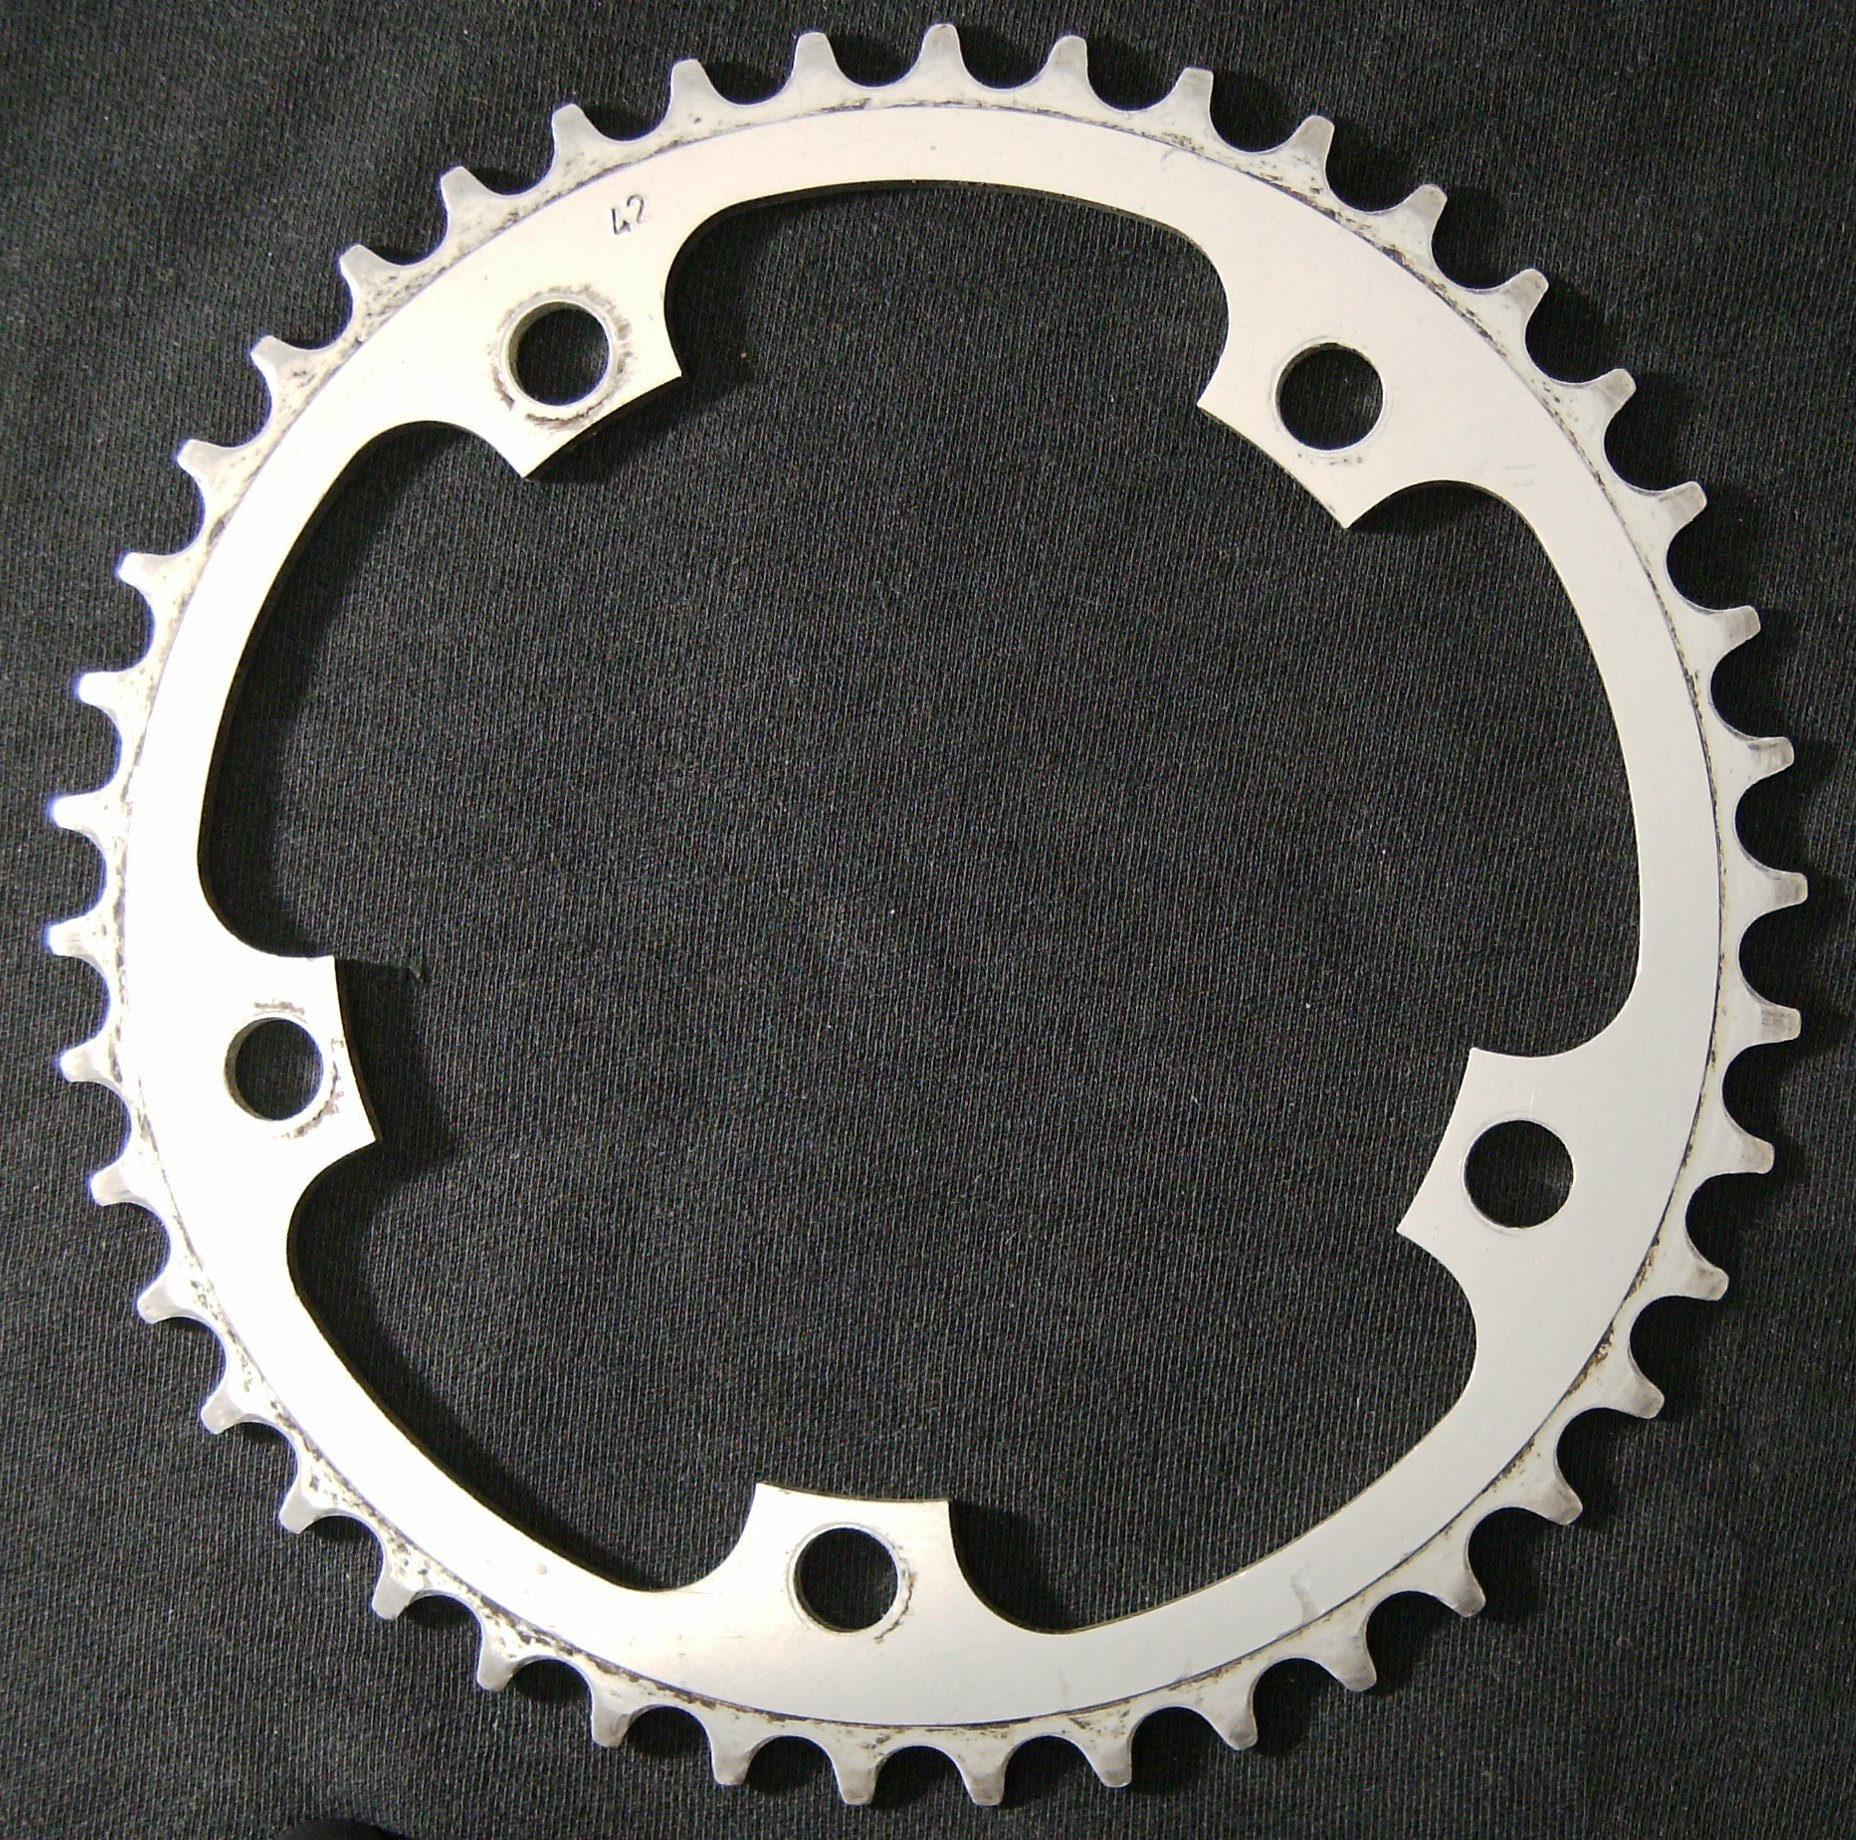 Lochkreis | Fahrrad-Wiki | FANDOM powered by Wikia